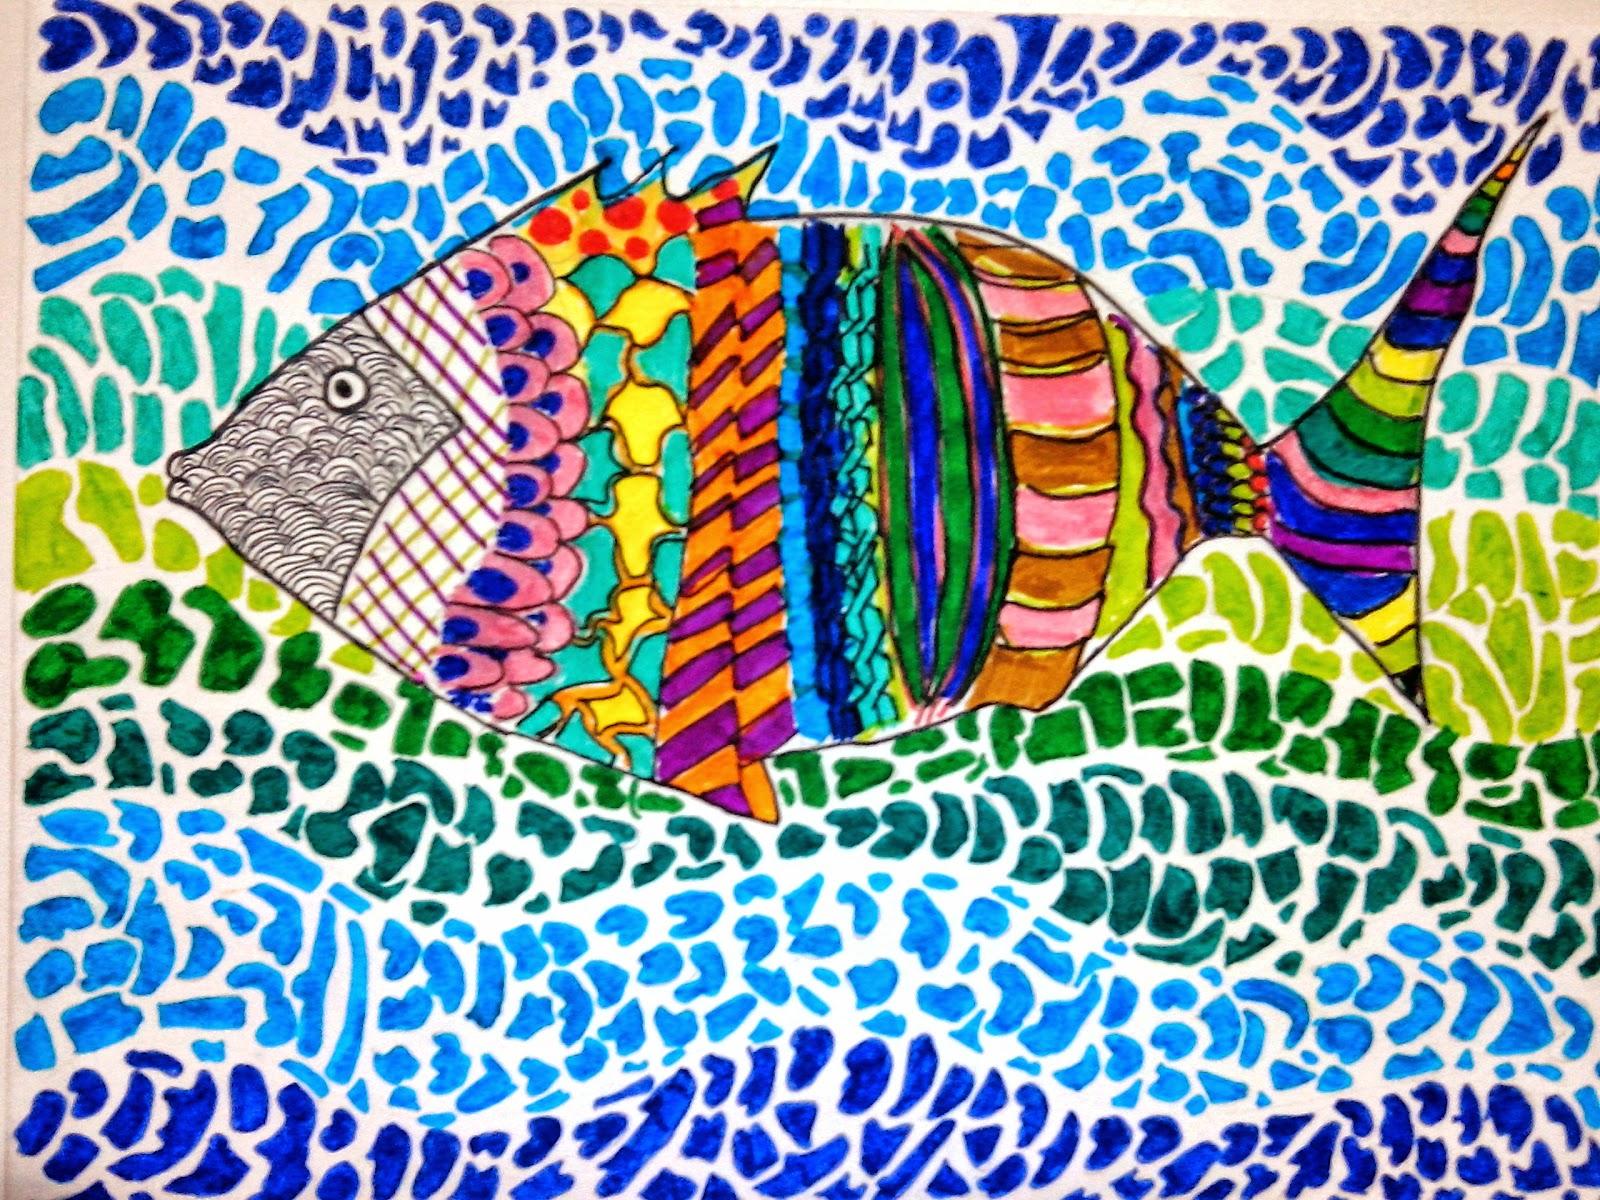 Eccezionale GET-SMART-MAKE-ART un blog di arte a scuola della prof. ARDEMAGNI  VA17